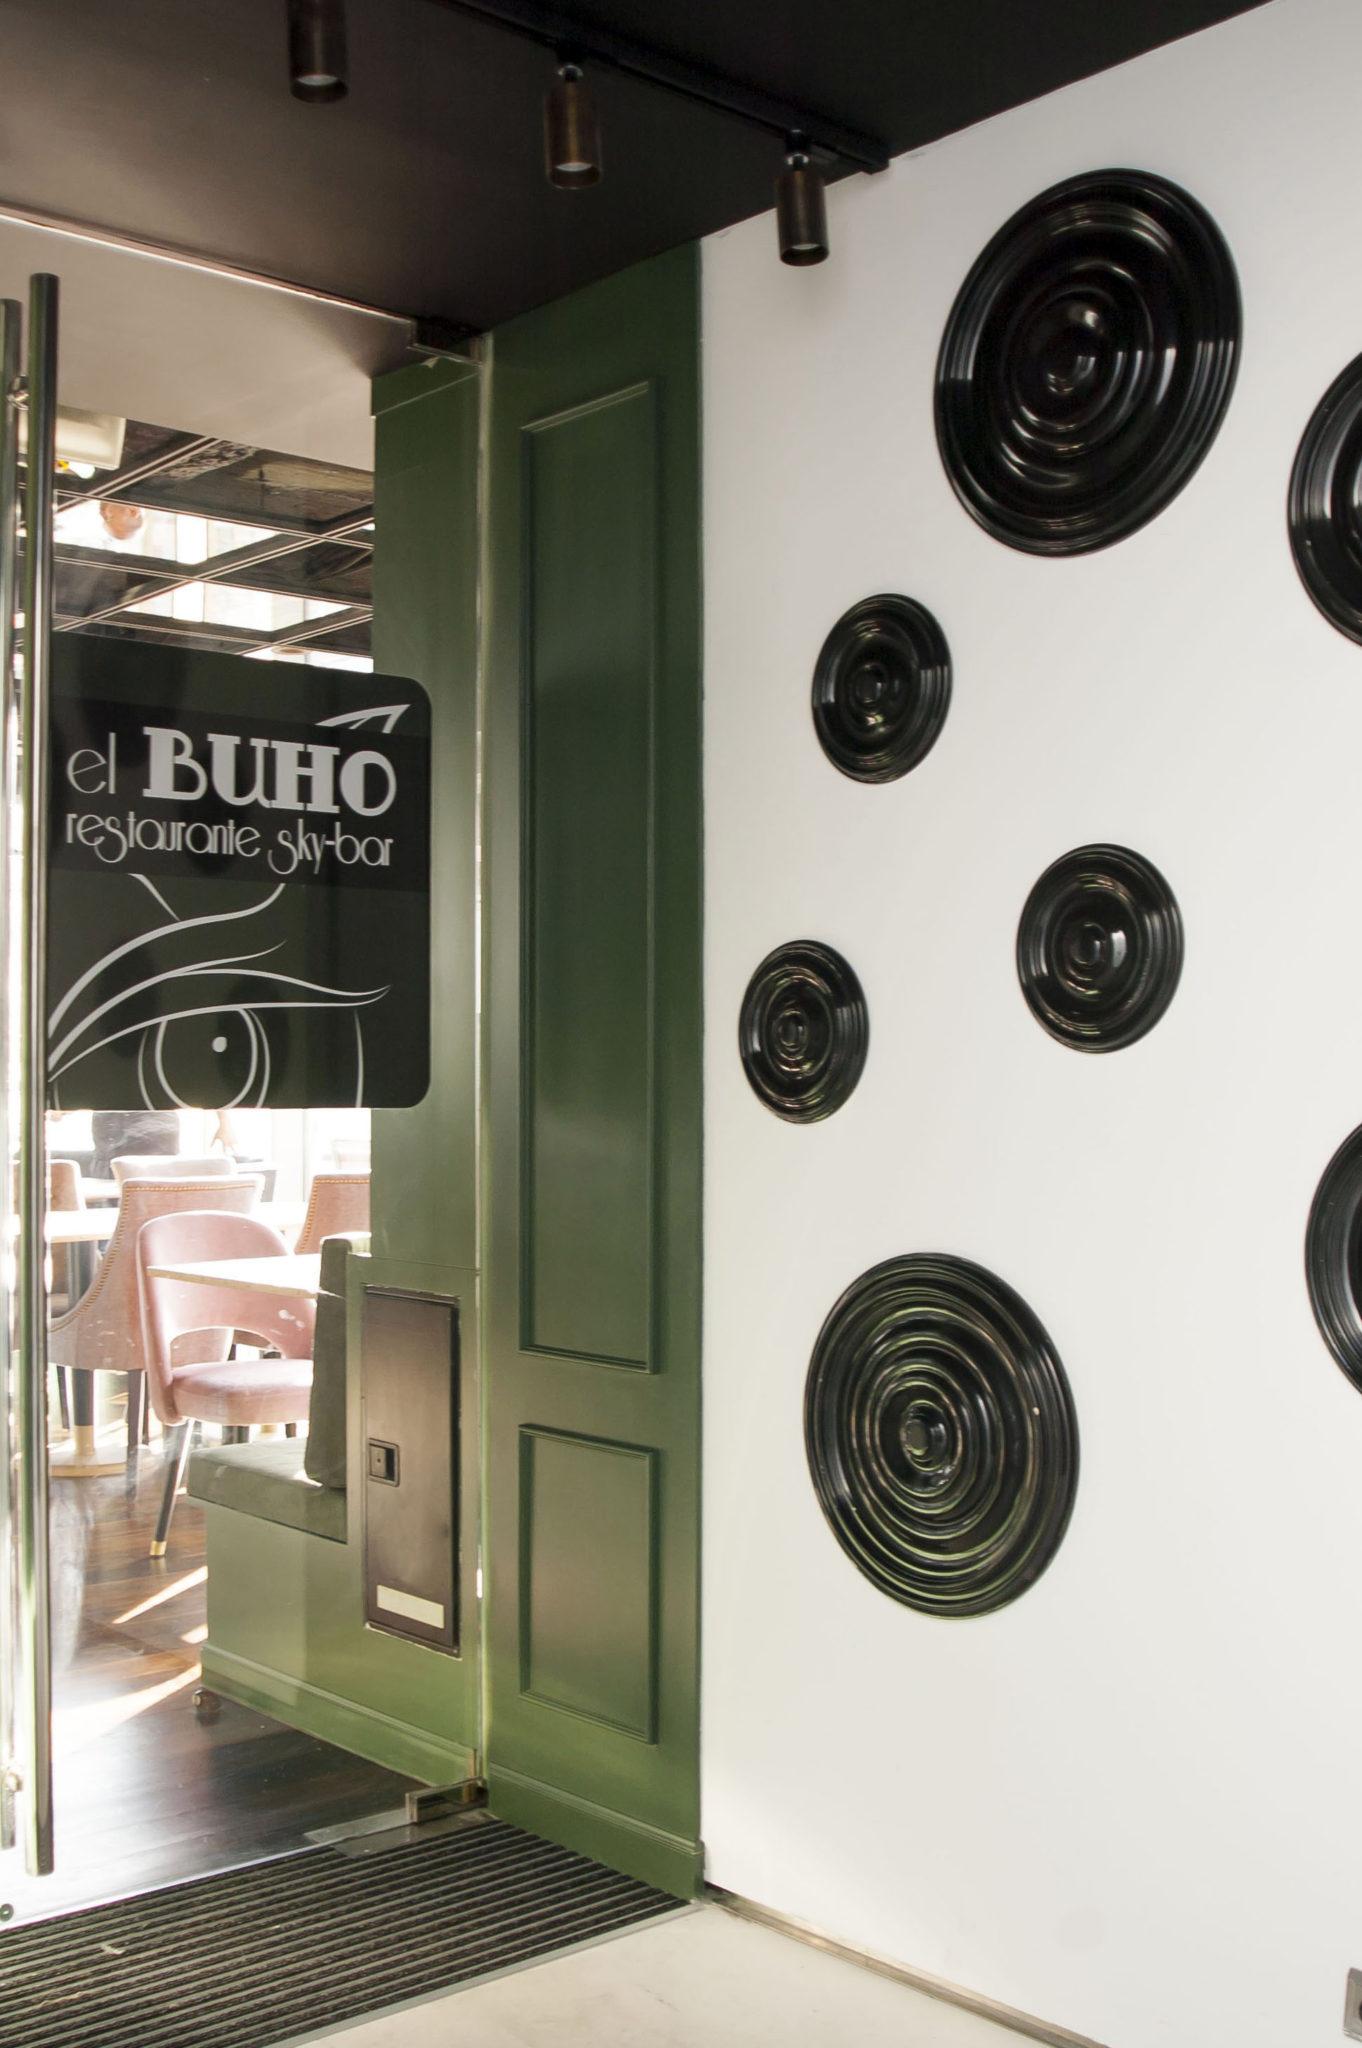 Texturas en El Buho Restaurante Sky Bar en Pamplona